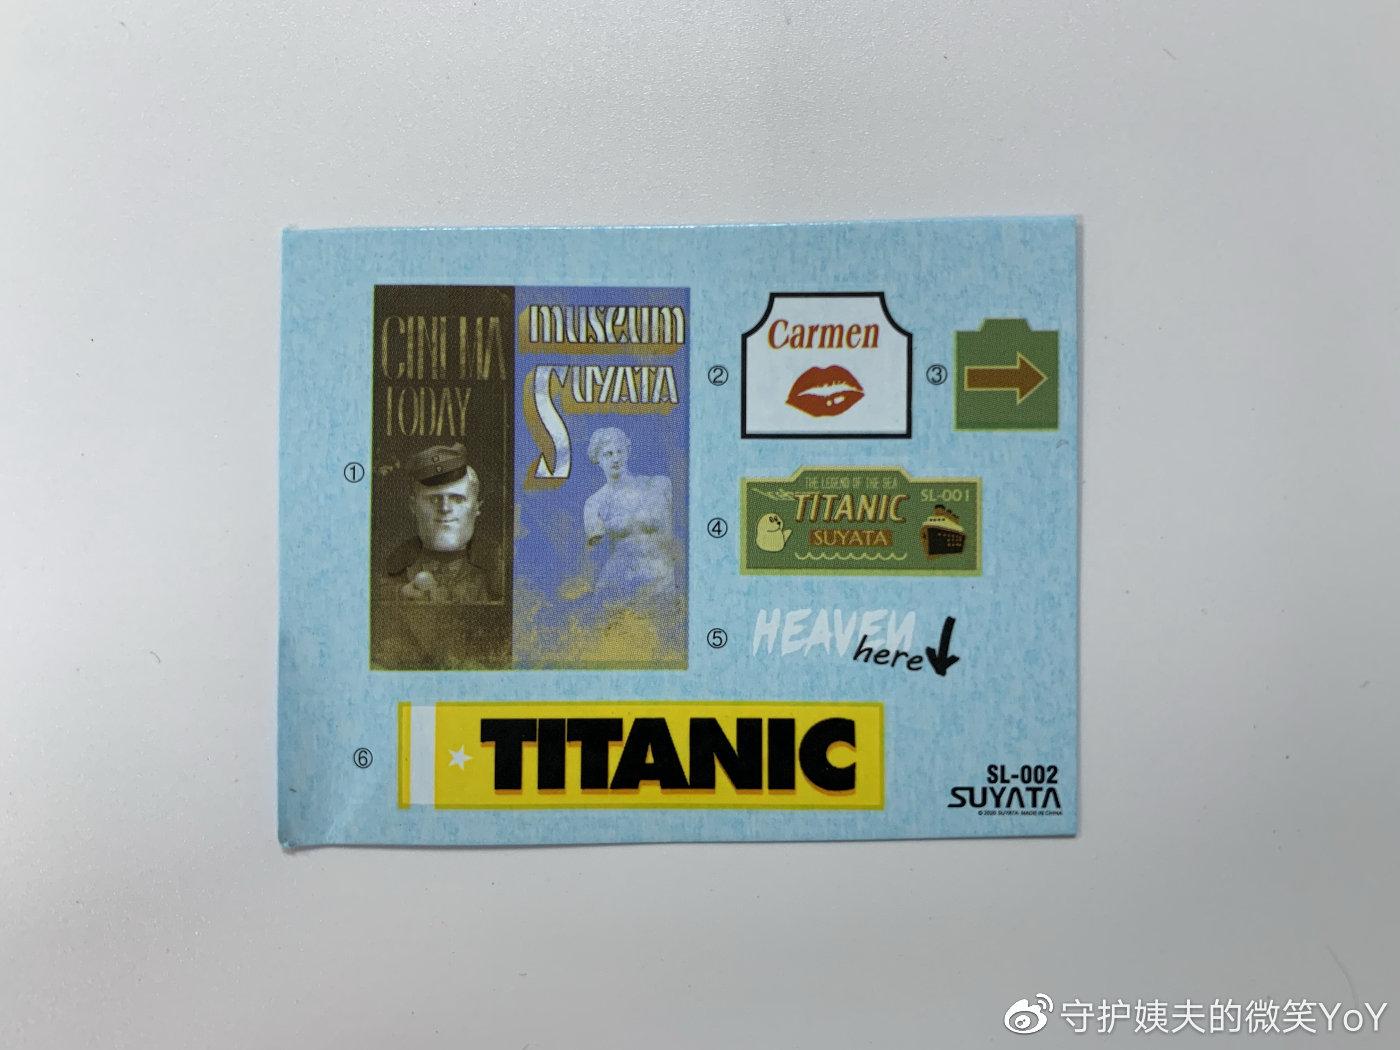 S484_2_RMS_Titanic_SOUTHAMPTON_035.jpg